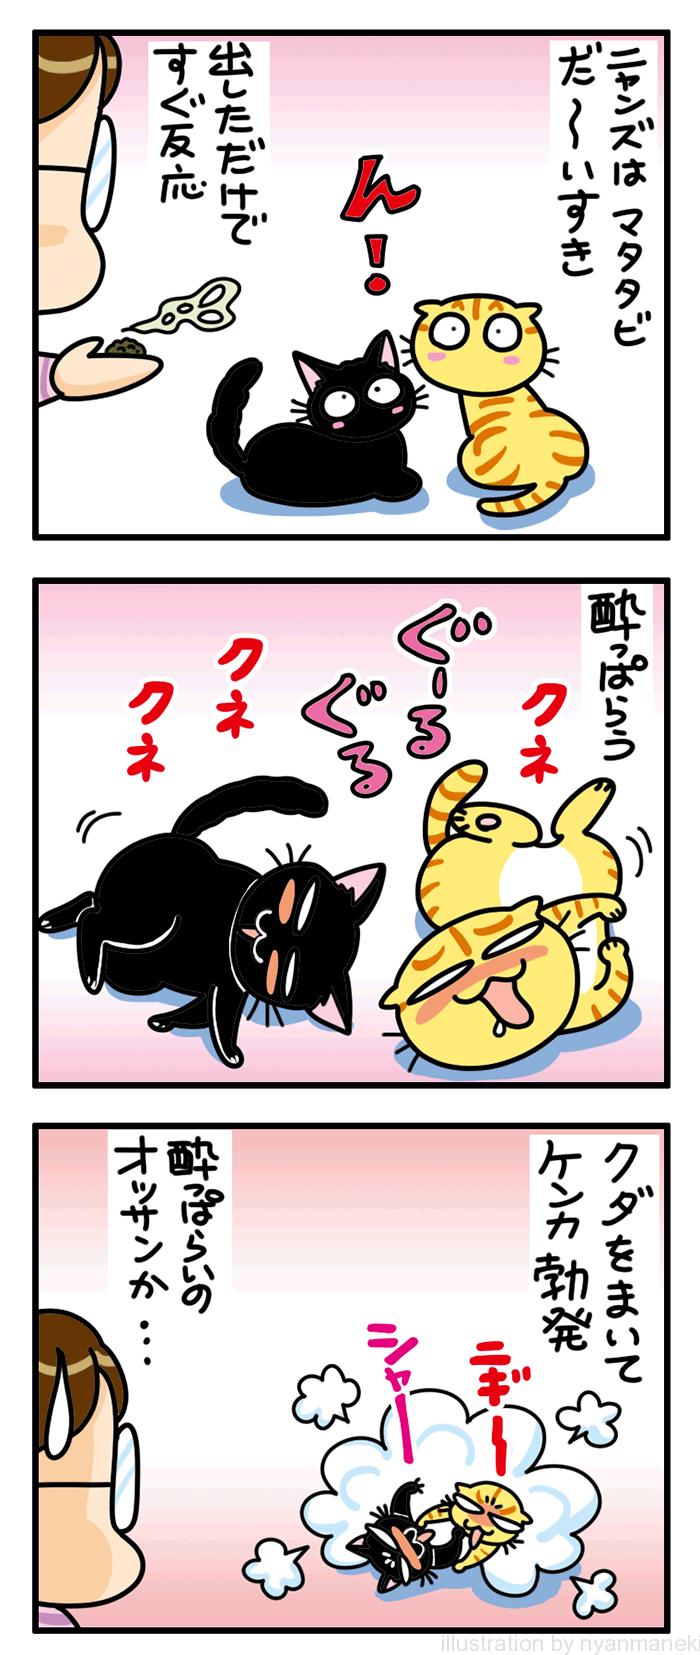 猫用またたび瓶/葉 Crr クルル